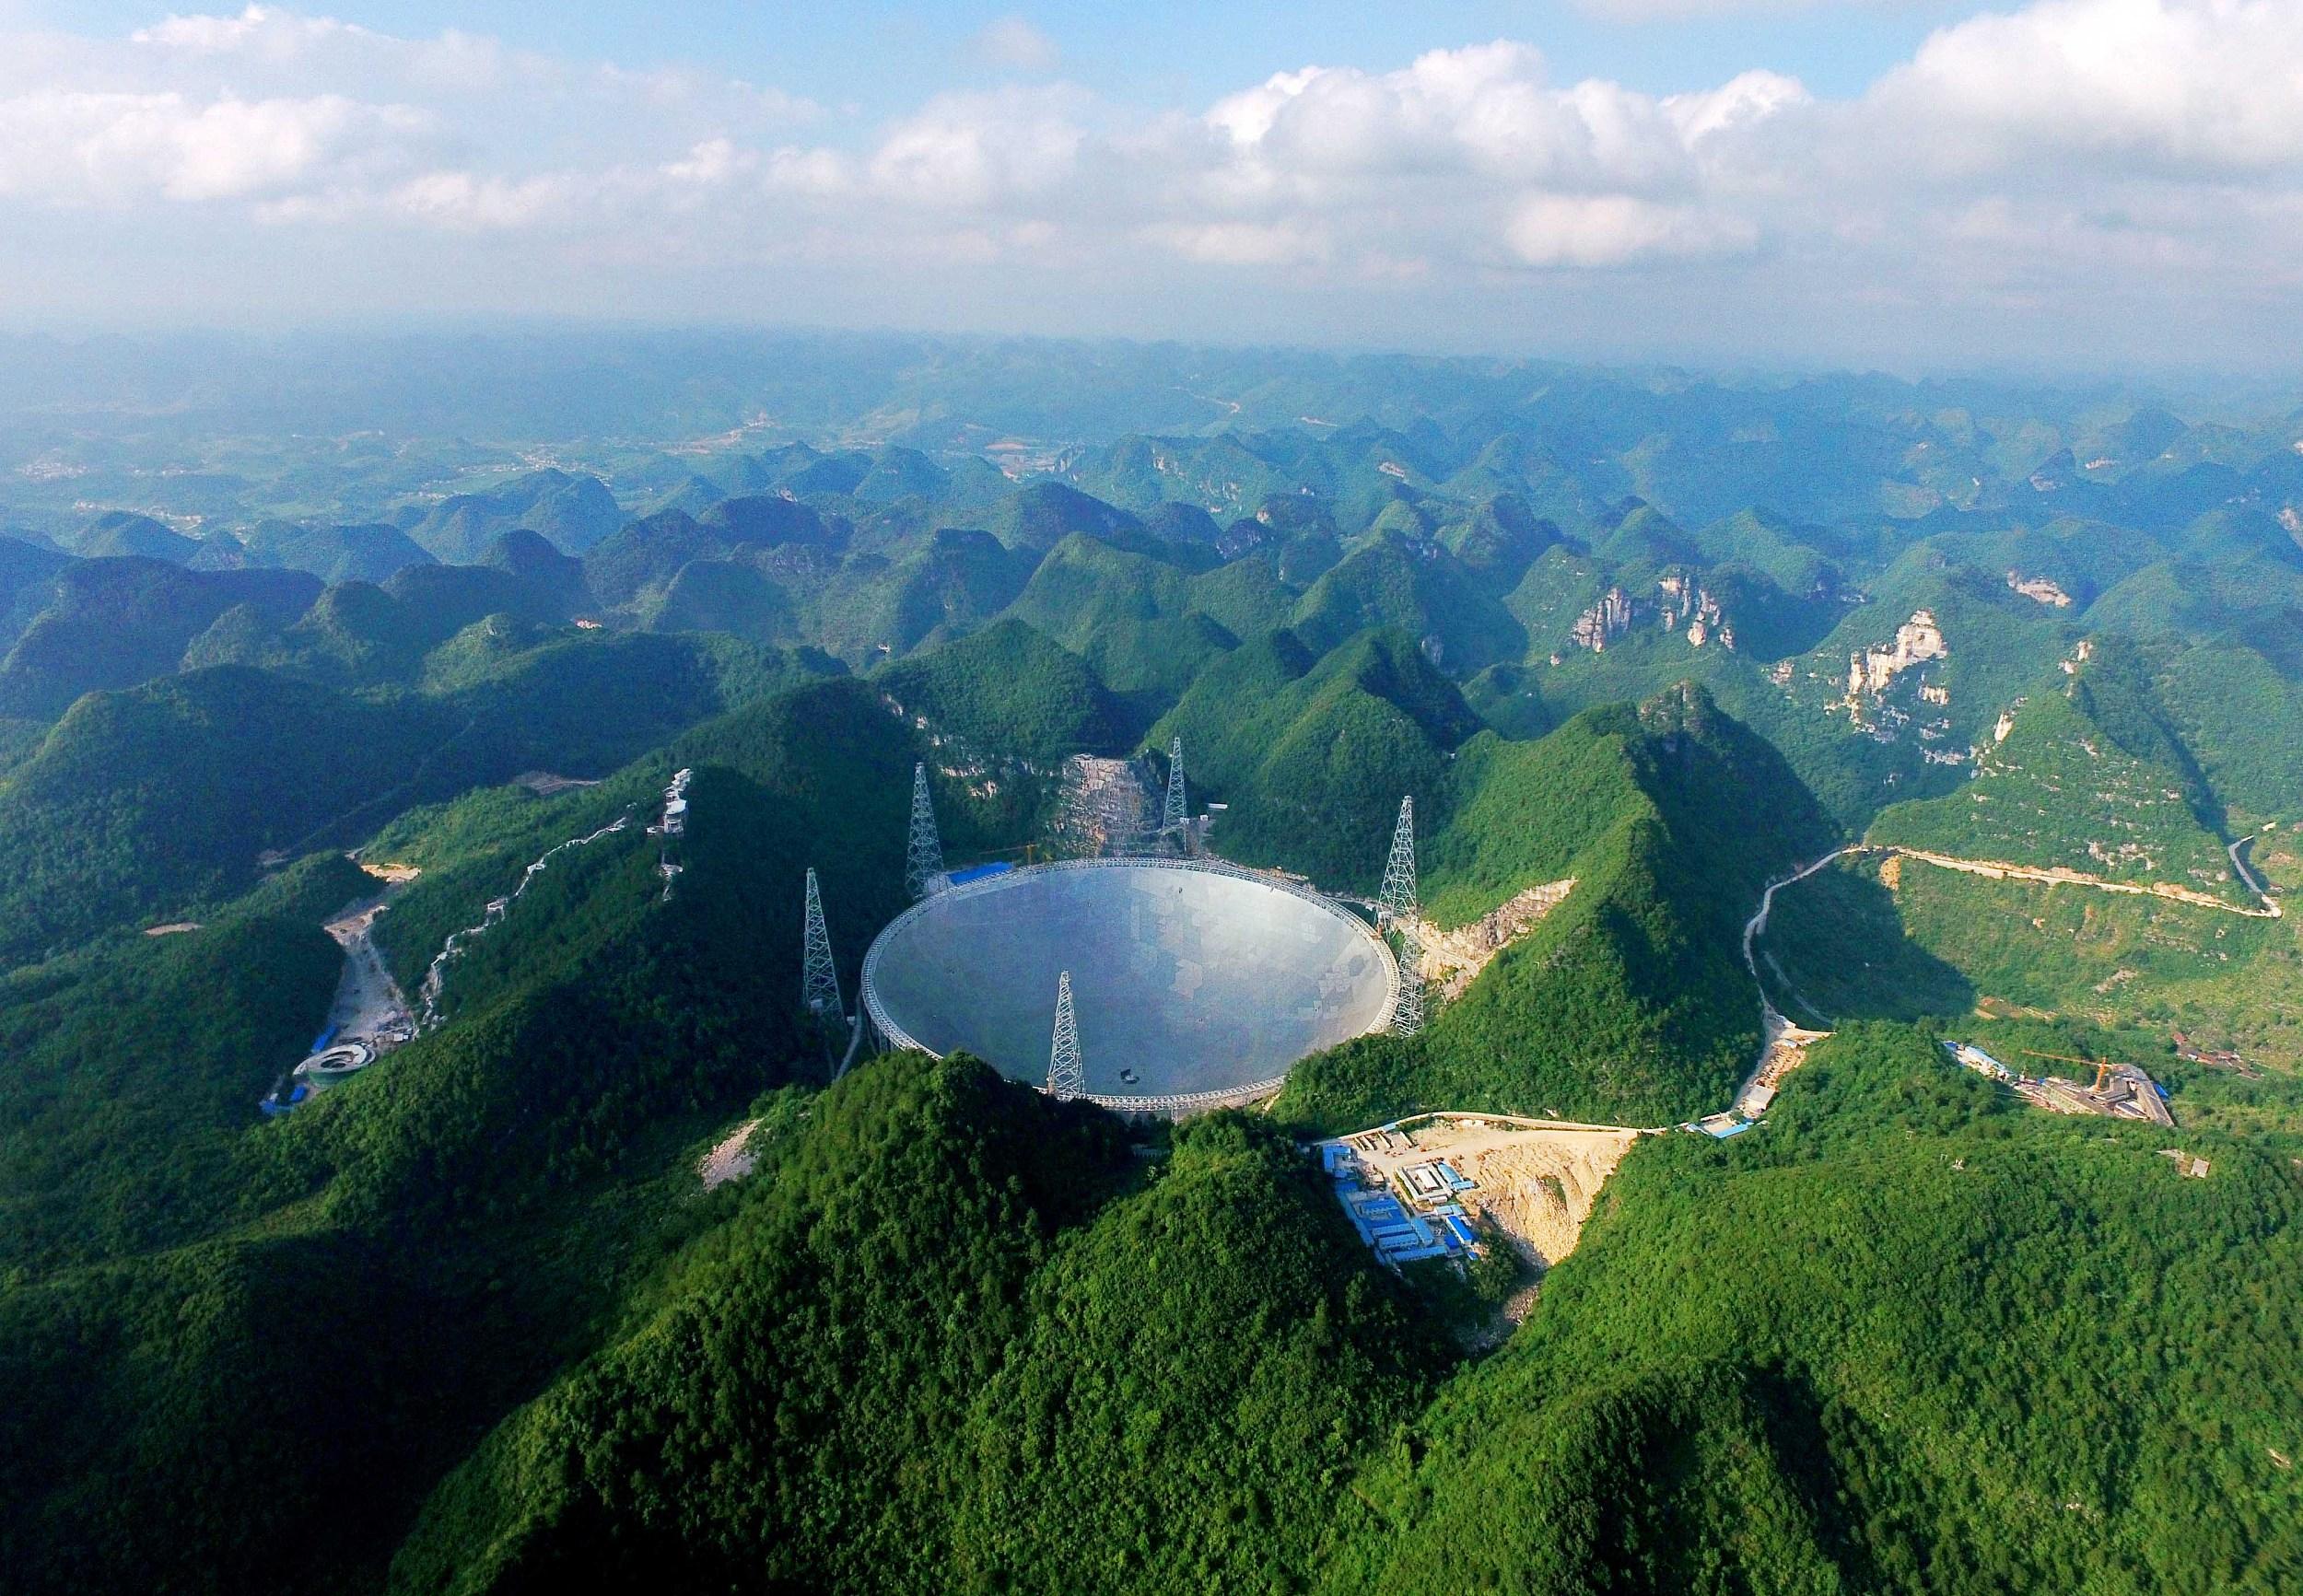 2016年6月24日,镶嵌于天坑之中直径500m米口径的世界最大球面射电望远镜。(资料图)秦刚摄(人民视觉)